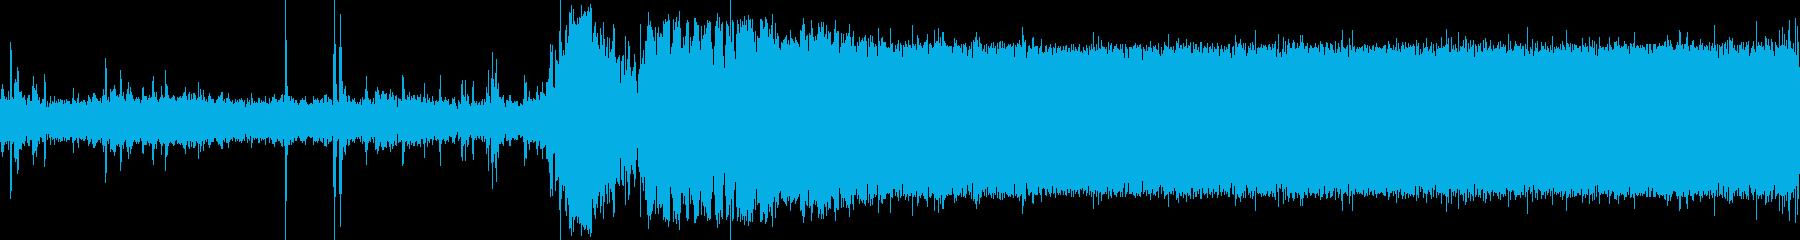 小型飛行機(セスナ)の始動音(アラスカ)の再生済みの波形